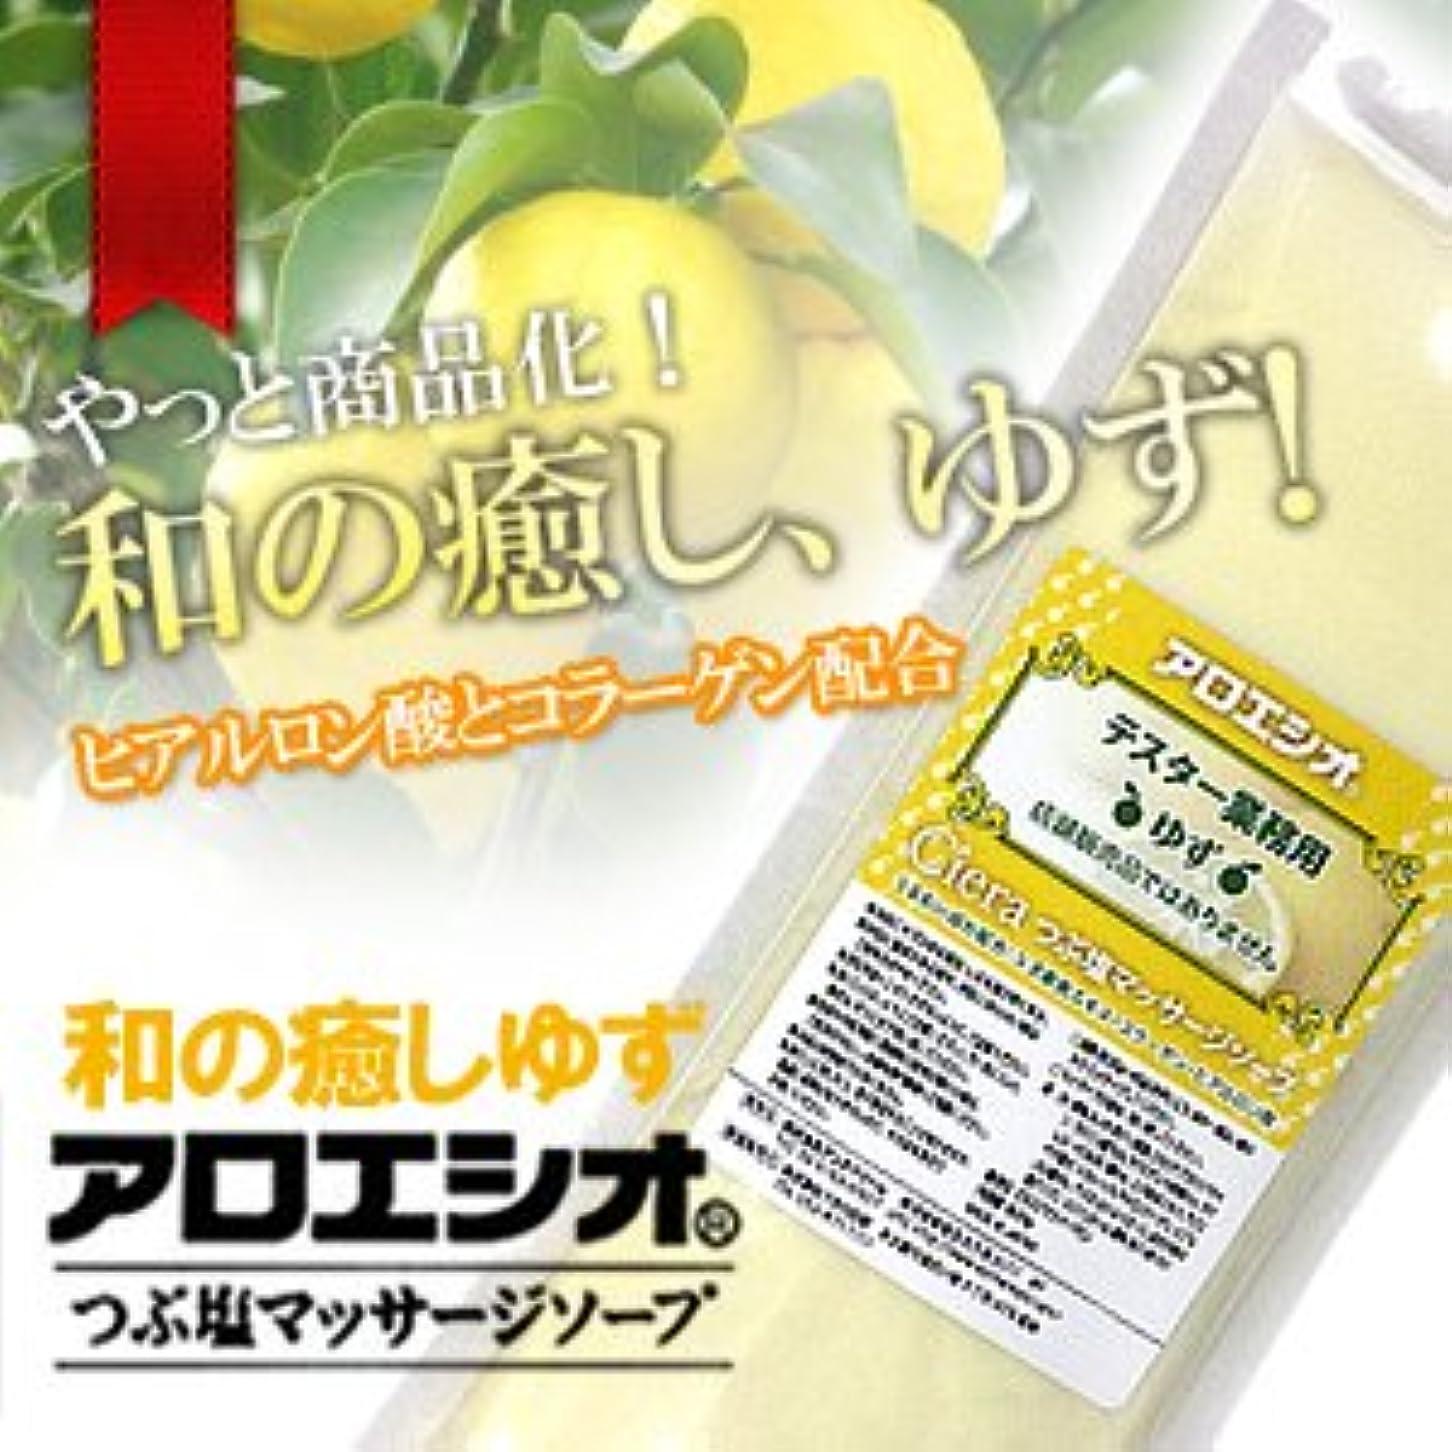 のみフィッティングランチゆず アロエ塩 800g つぶ塩マッサージソープ/フタバ化学 アロエシオ